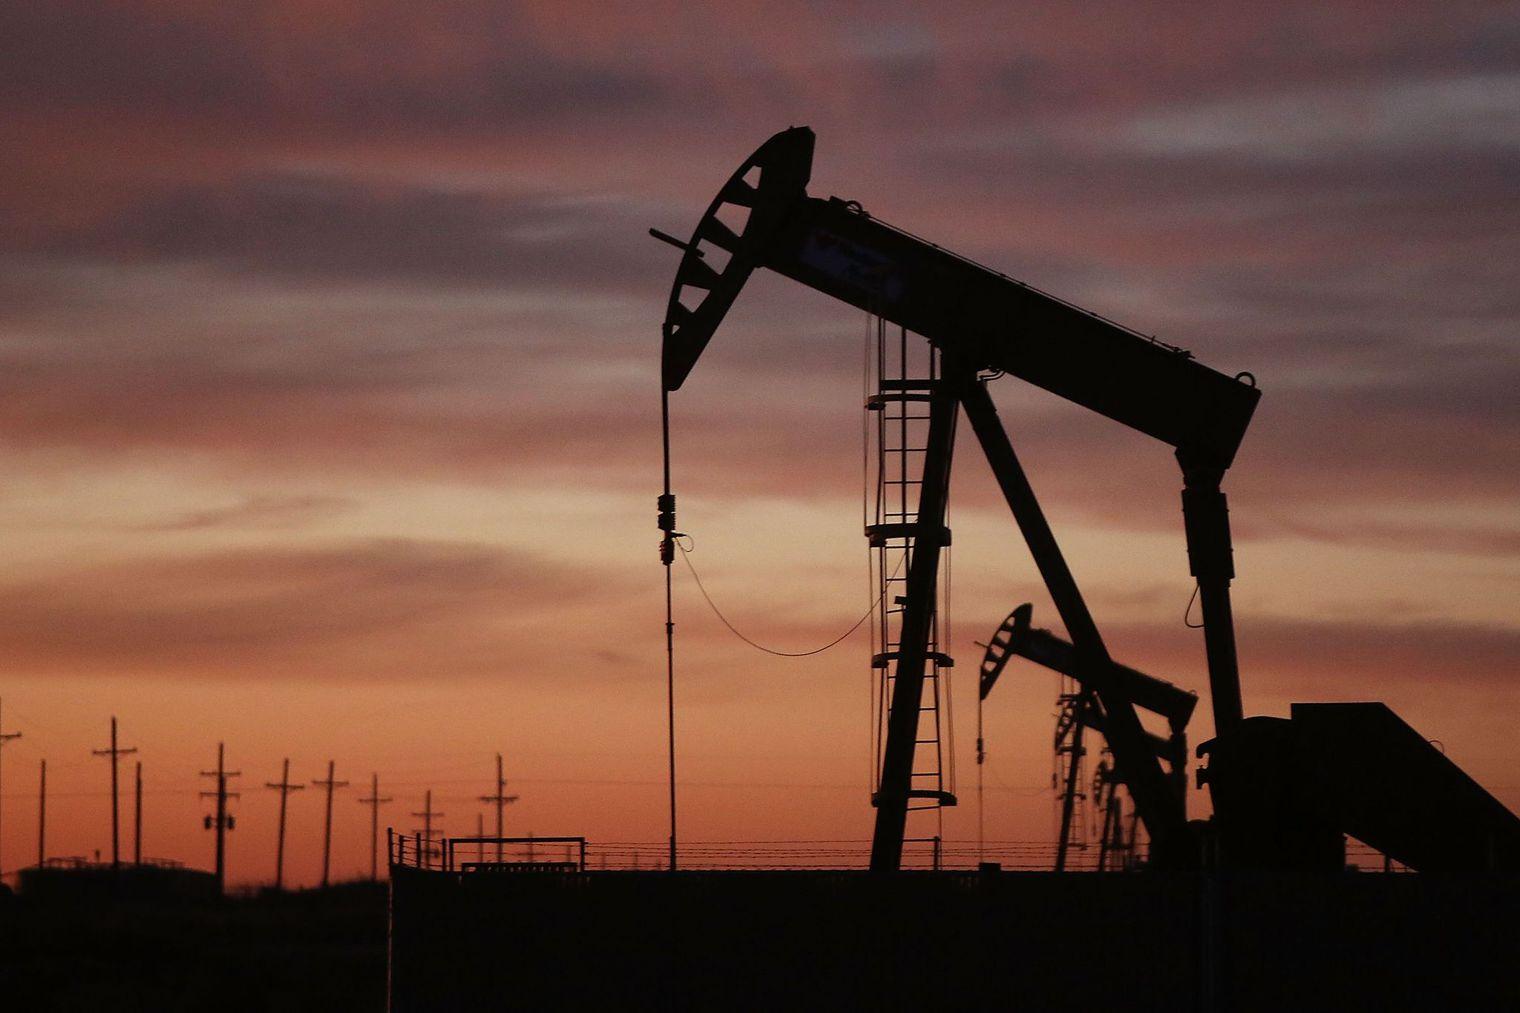 le-president-americain-barack-obama-va-proposer-la-mise-en-place-d-une-taxe-de-10-dollars-sur-le-baril-de-petrole-qui-permettrait-de-financer-un-vaste-plan-d-investissements-dans-les-t